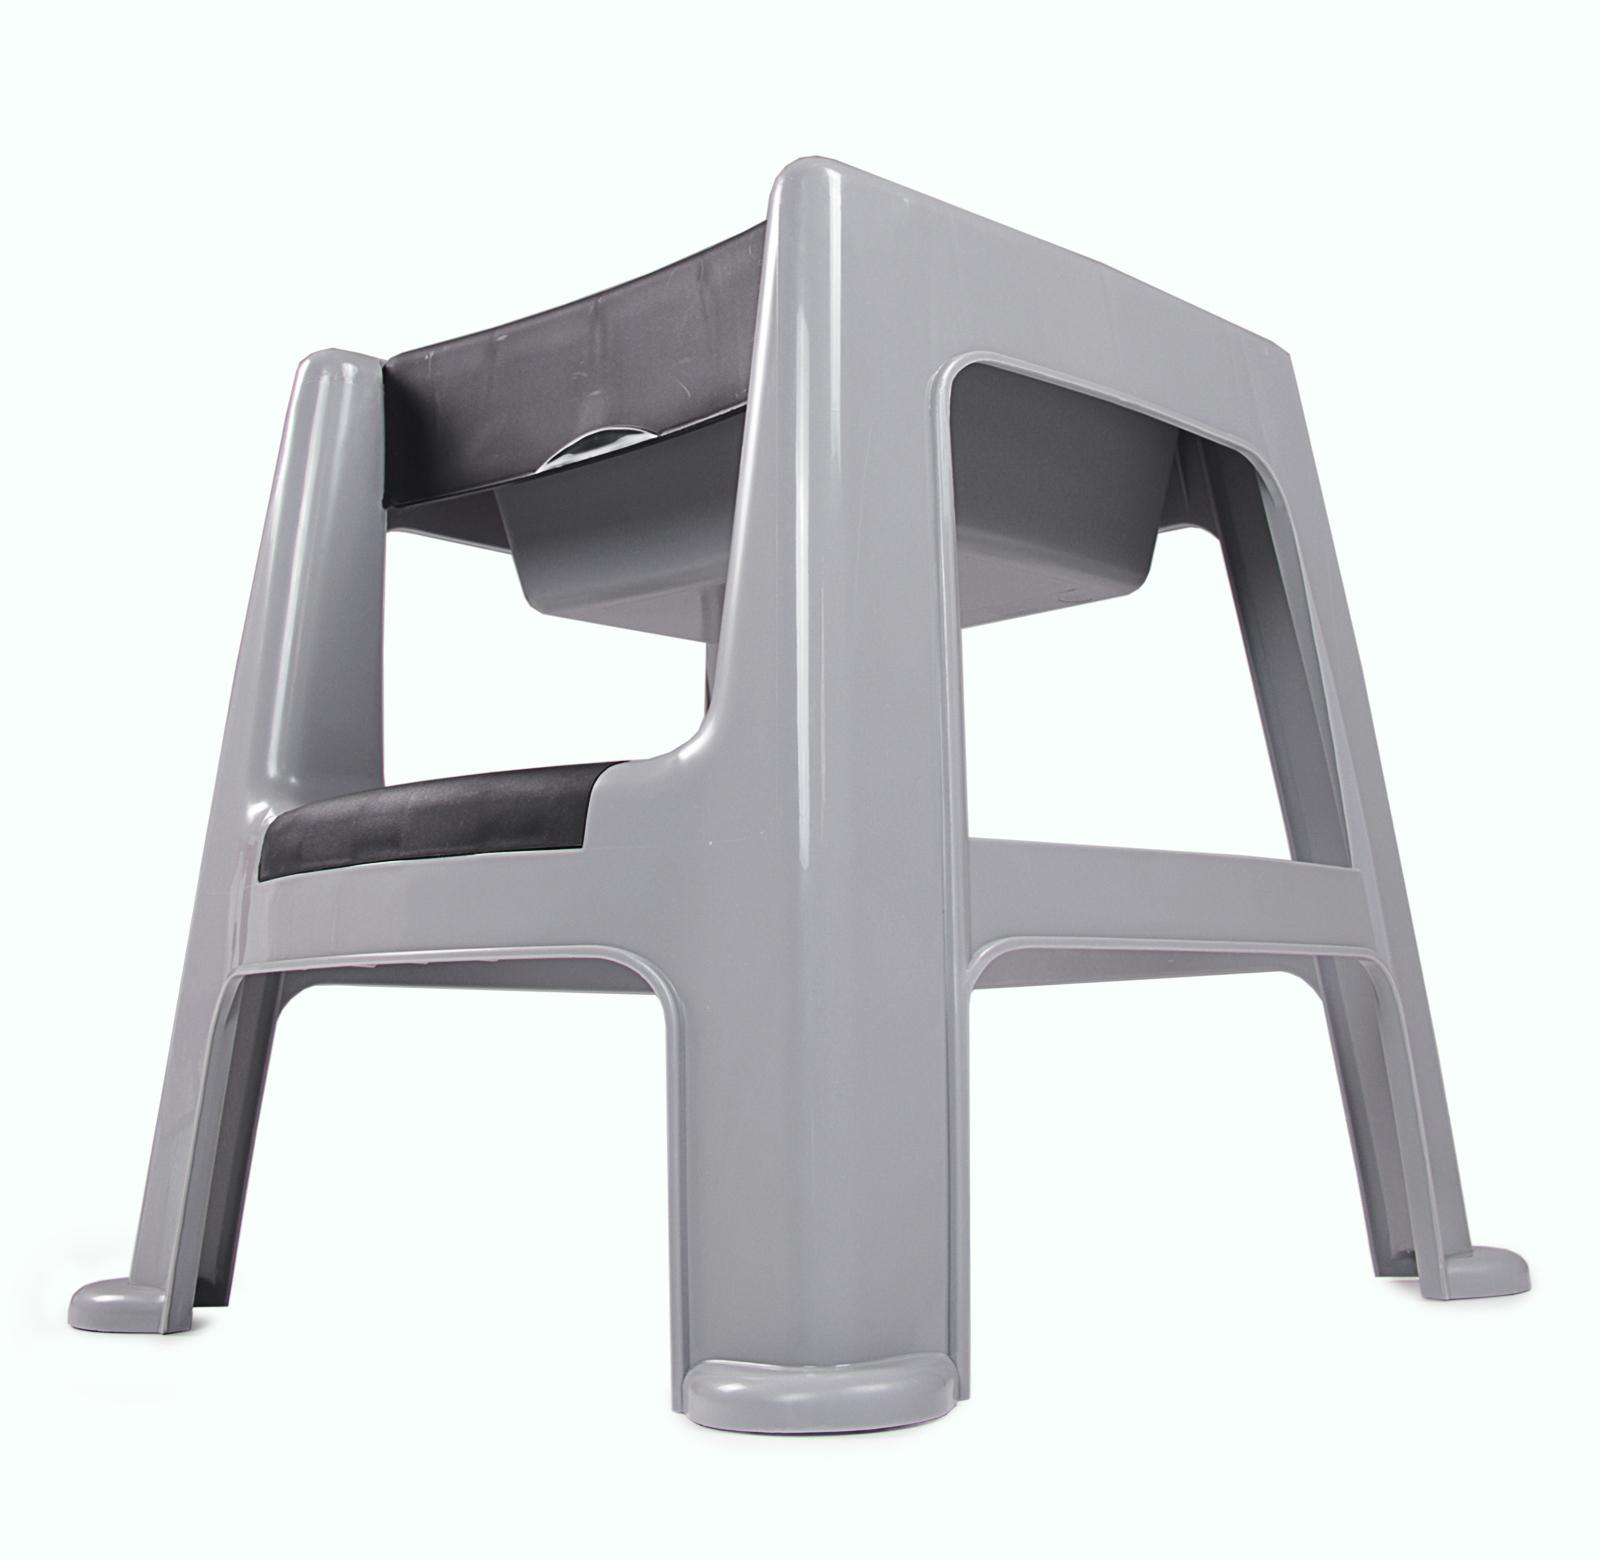 ondis24 hocker sitzhocker trittleiter escapeau g nstig online kaufen. Black Bedroom Furniture Sets. Home Design Ideas